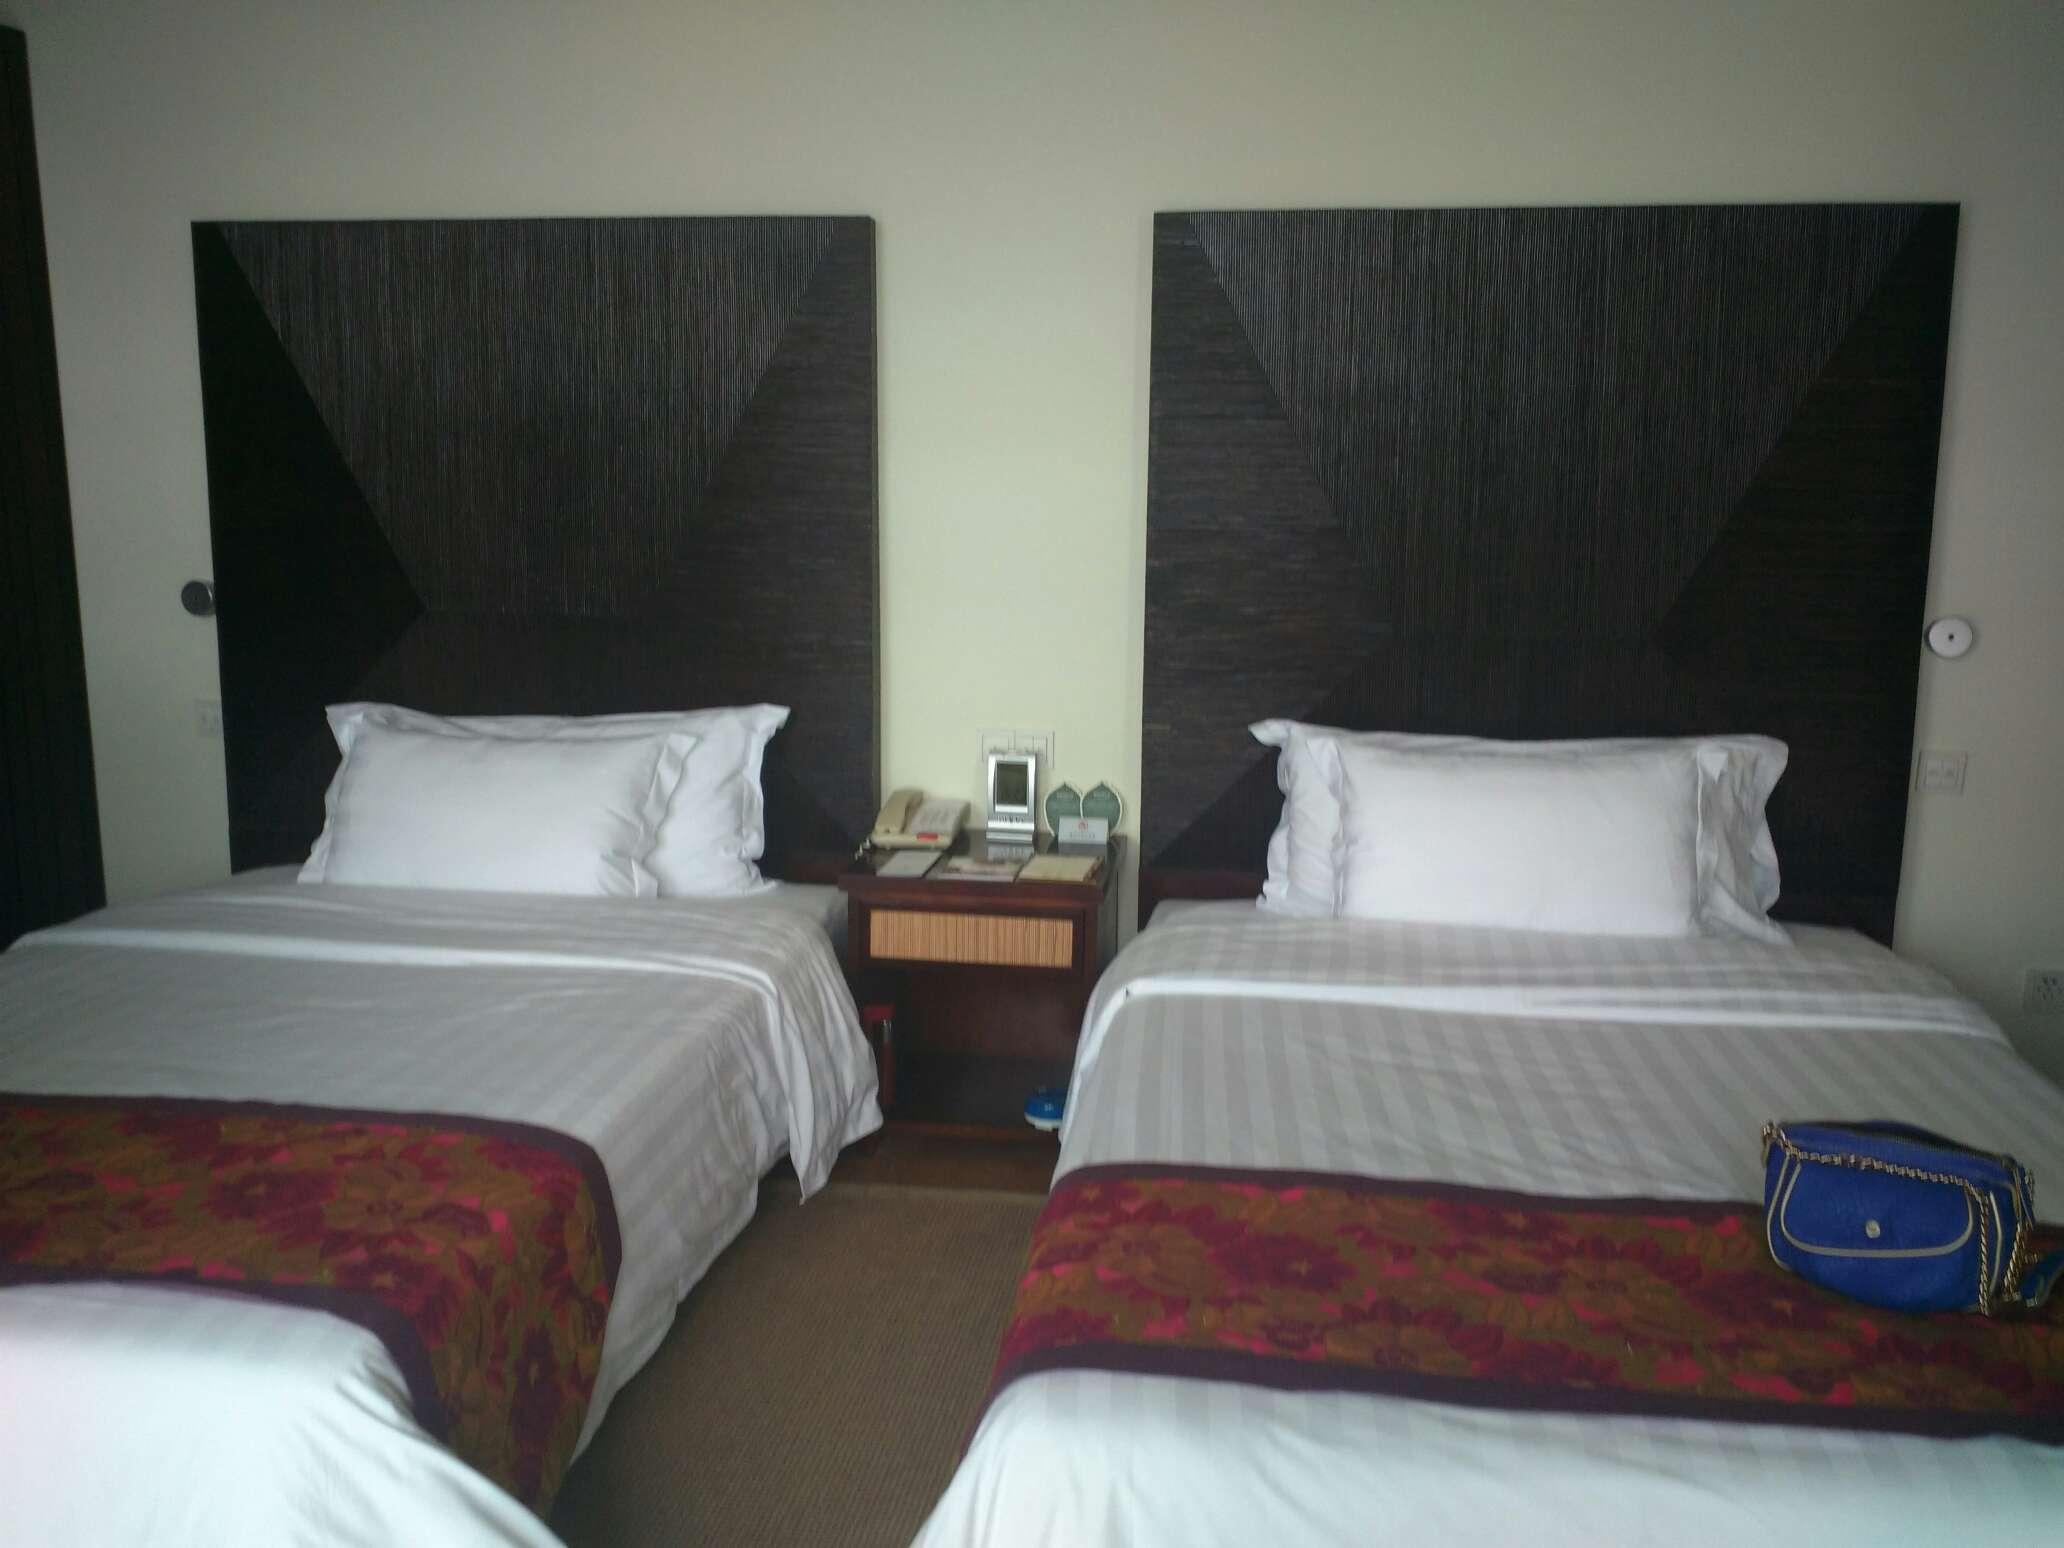 【携程攻略】三亚亚龙湾红树林度假酒店预订价格